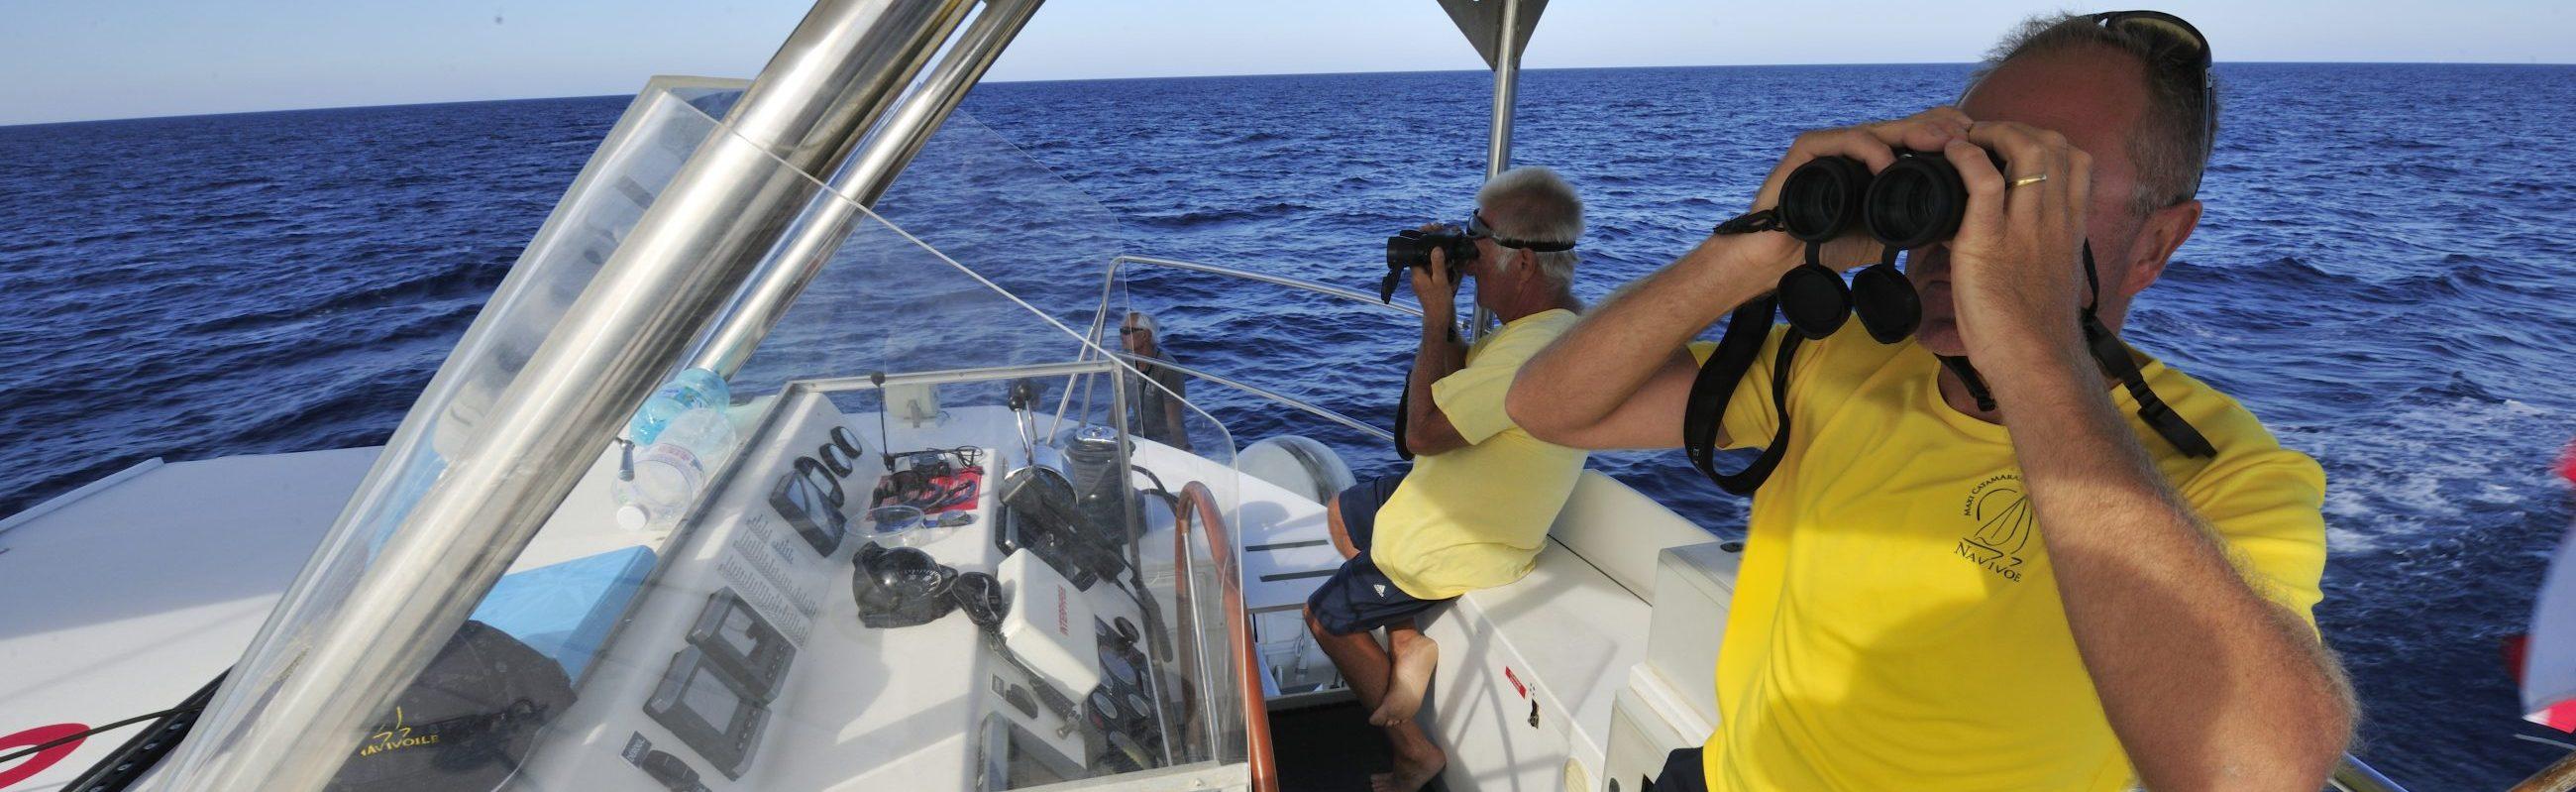 catamaran navivoile contact et accès canet en roussillon et port vendres